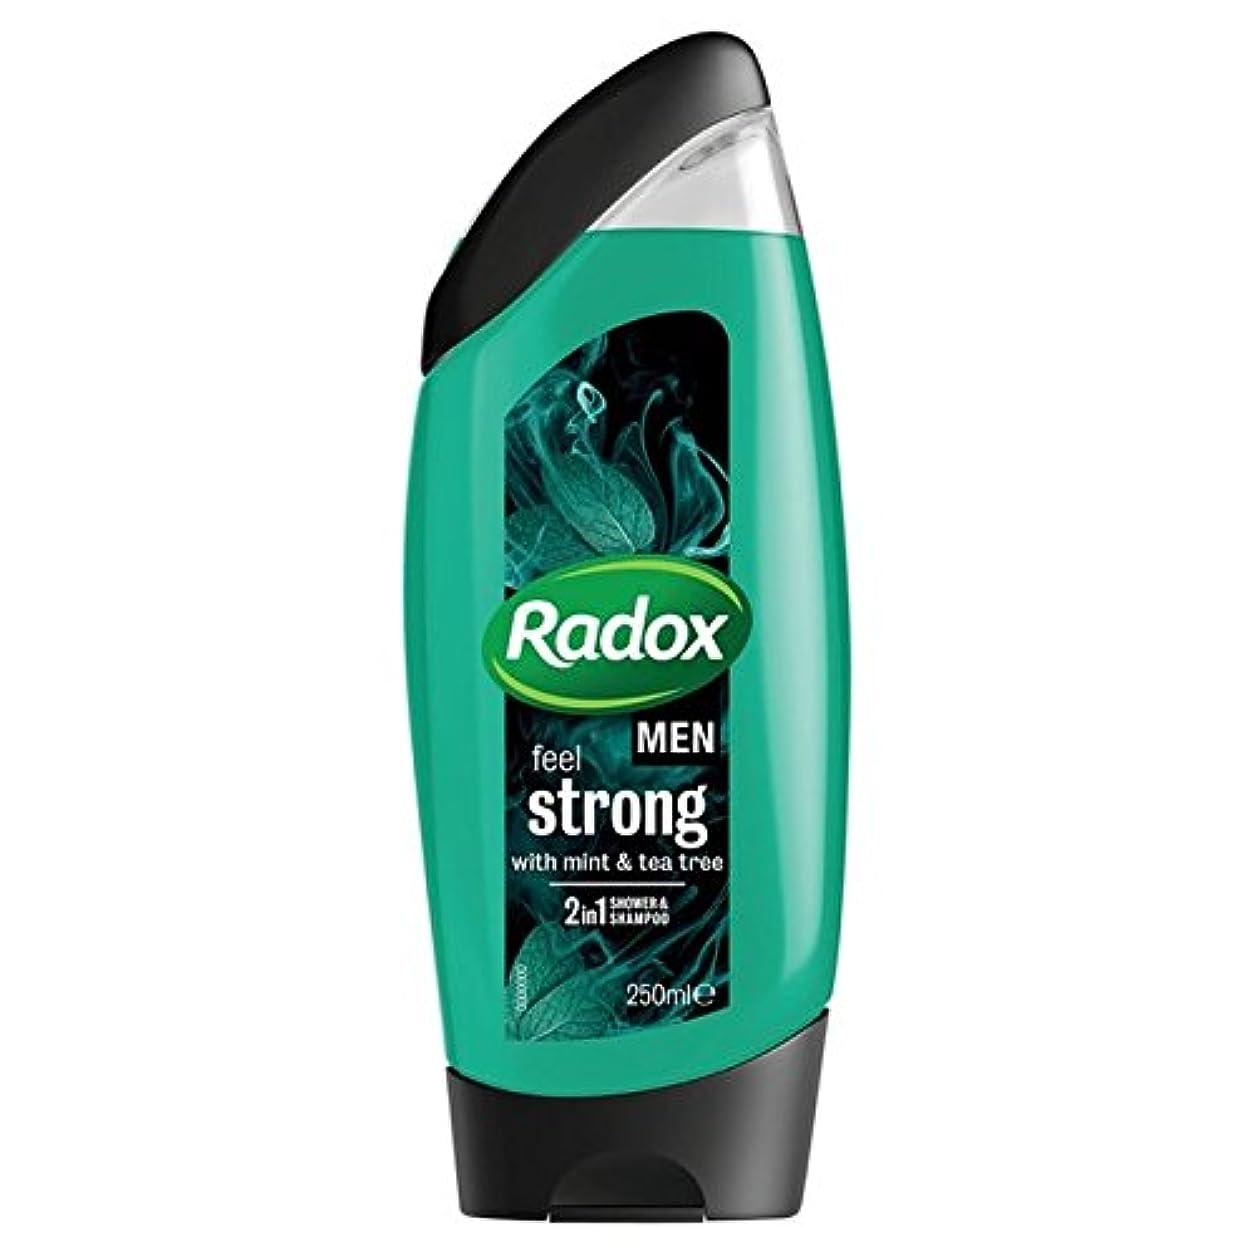 クマノミ研磨剤つま先Radox Men Feel Strong Mint & Tea Tree 2in1 Shower Gel 250ml (Pack of 6) - 男性は、強力なミント&ティーツリーの21のシャワージェル250ミリリットル...